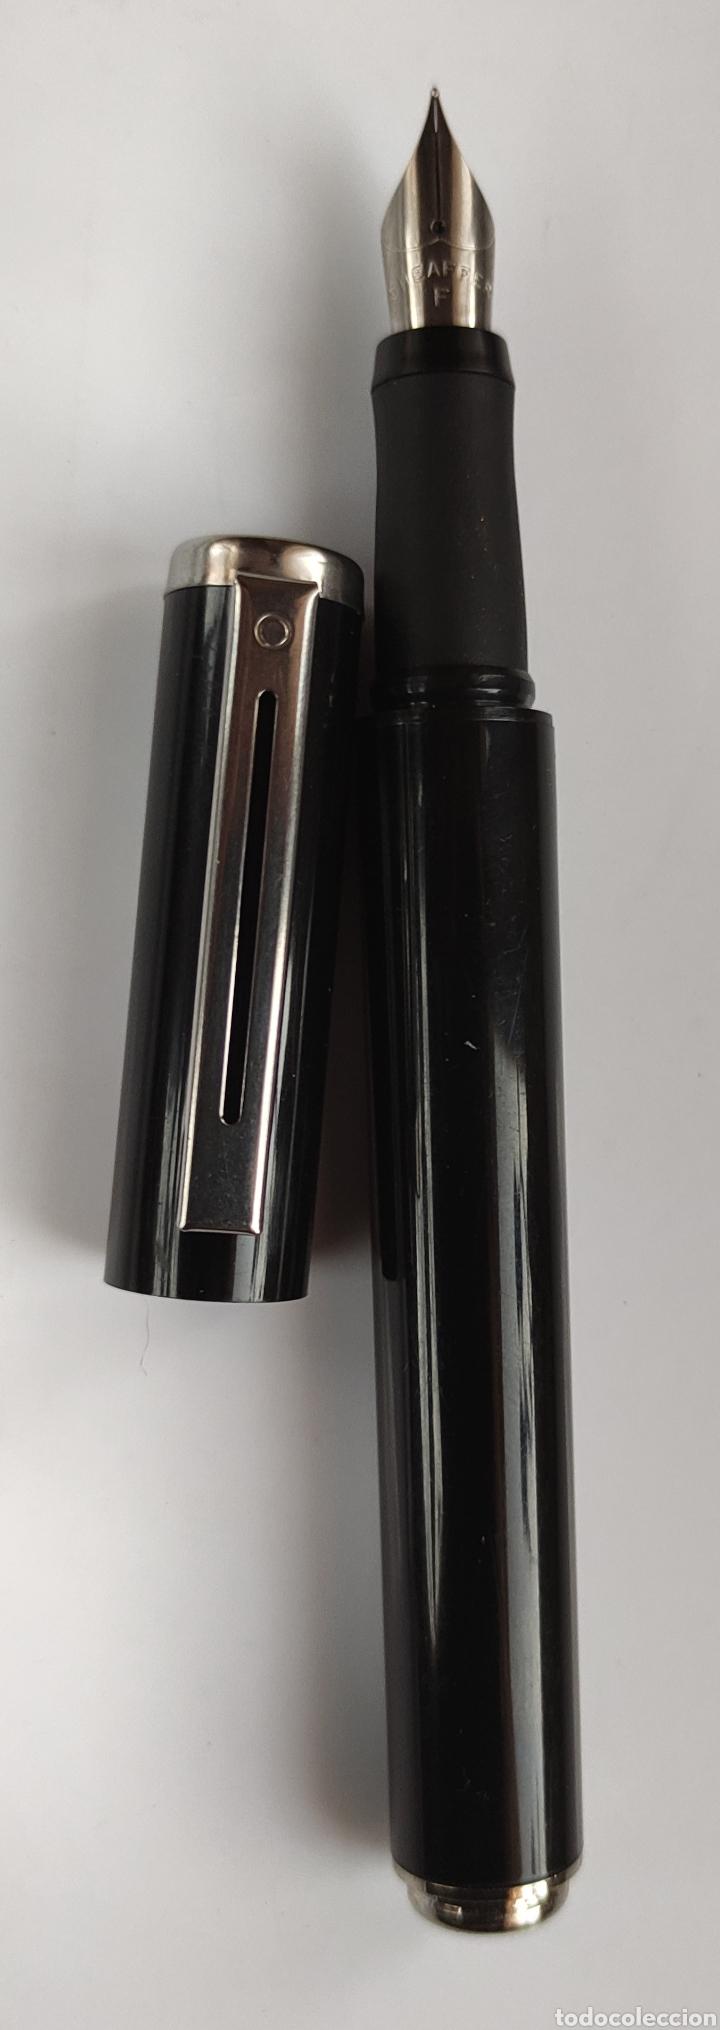 Plumas estilográficas antiguas: Pluma SHEAFFER - Foto 2 - 293643698